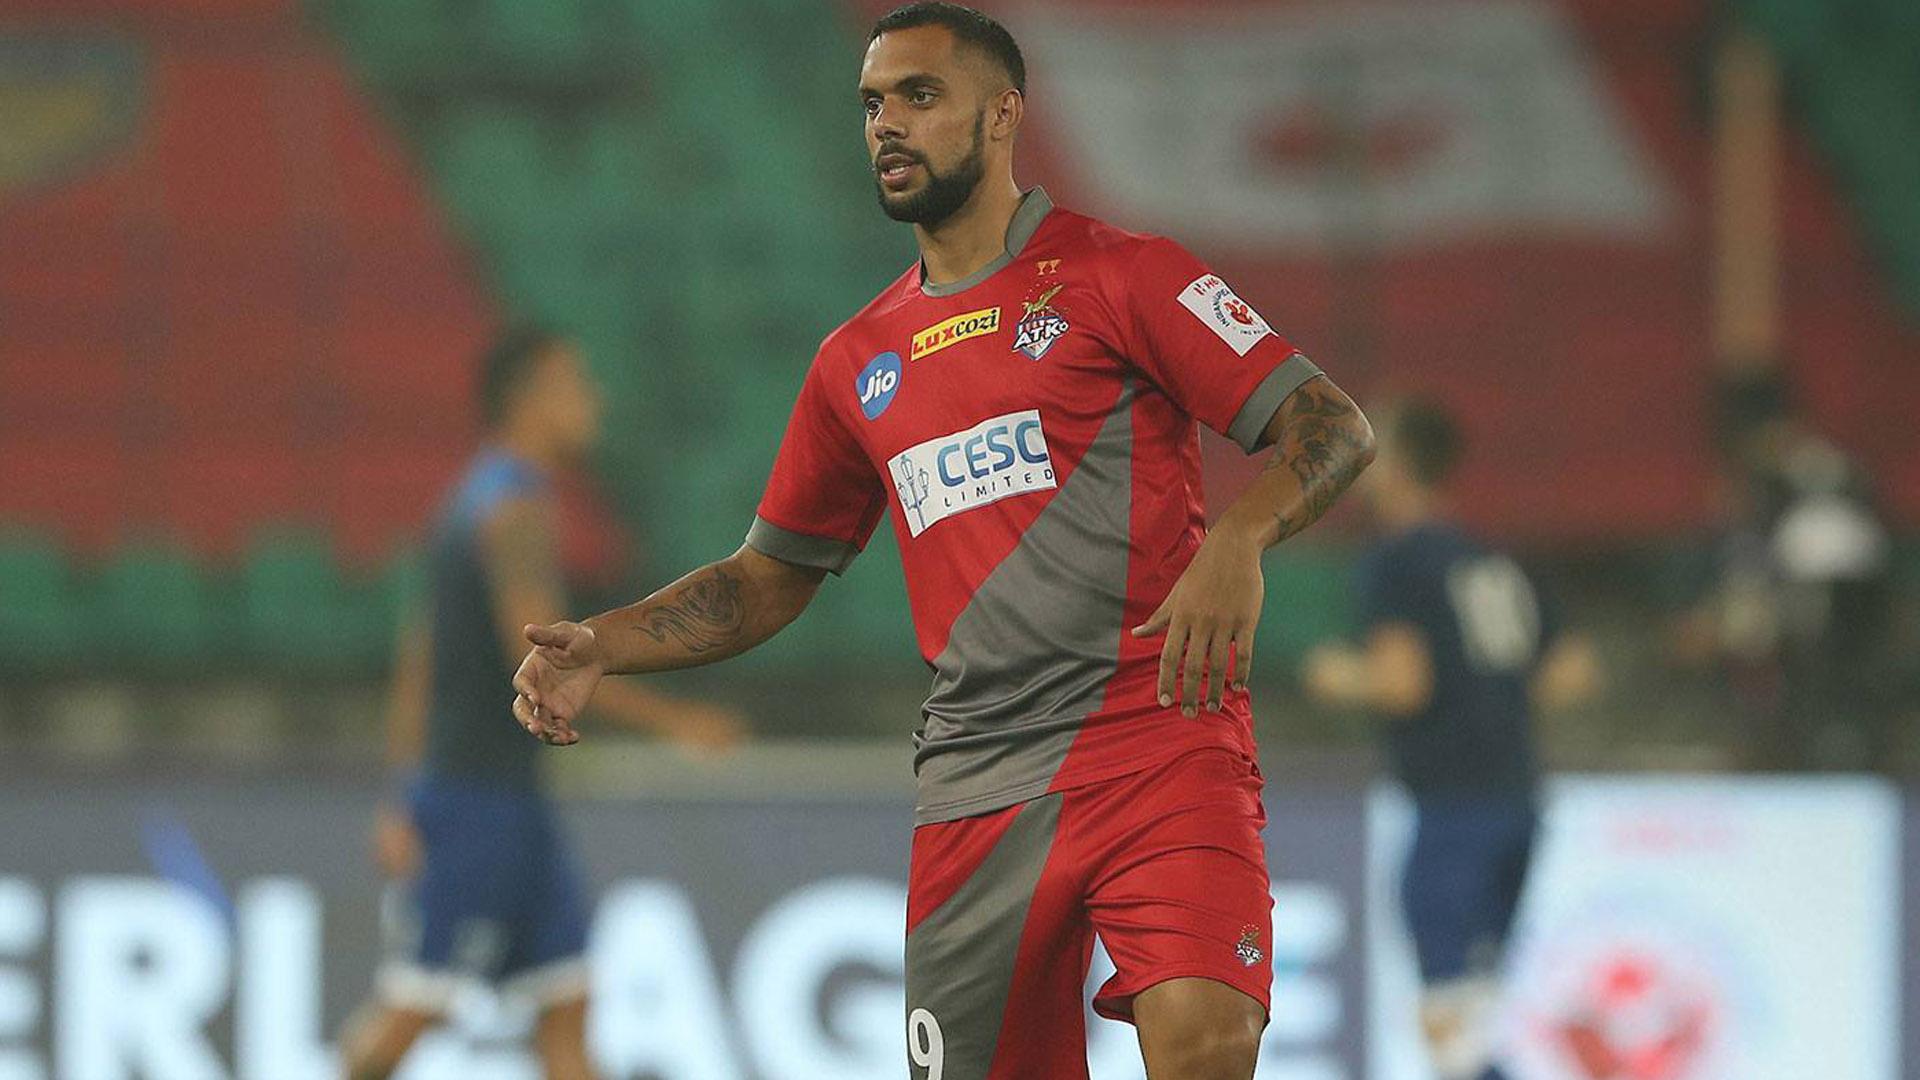 Robin Singh Chennaiyin FC ATK ISL season 4 2017/2018